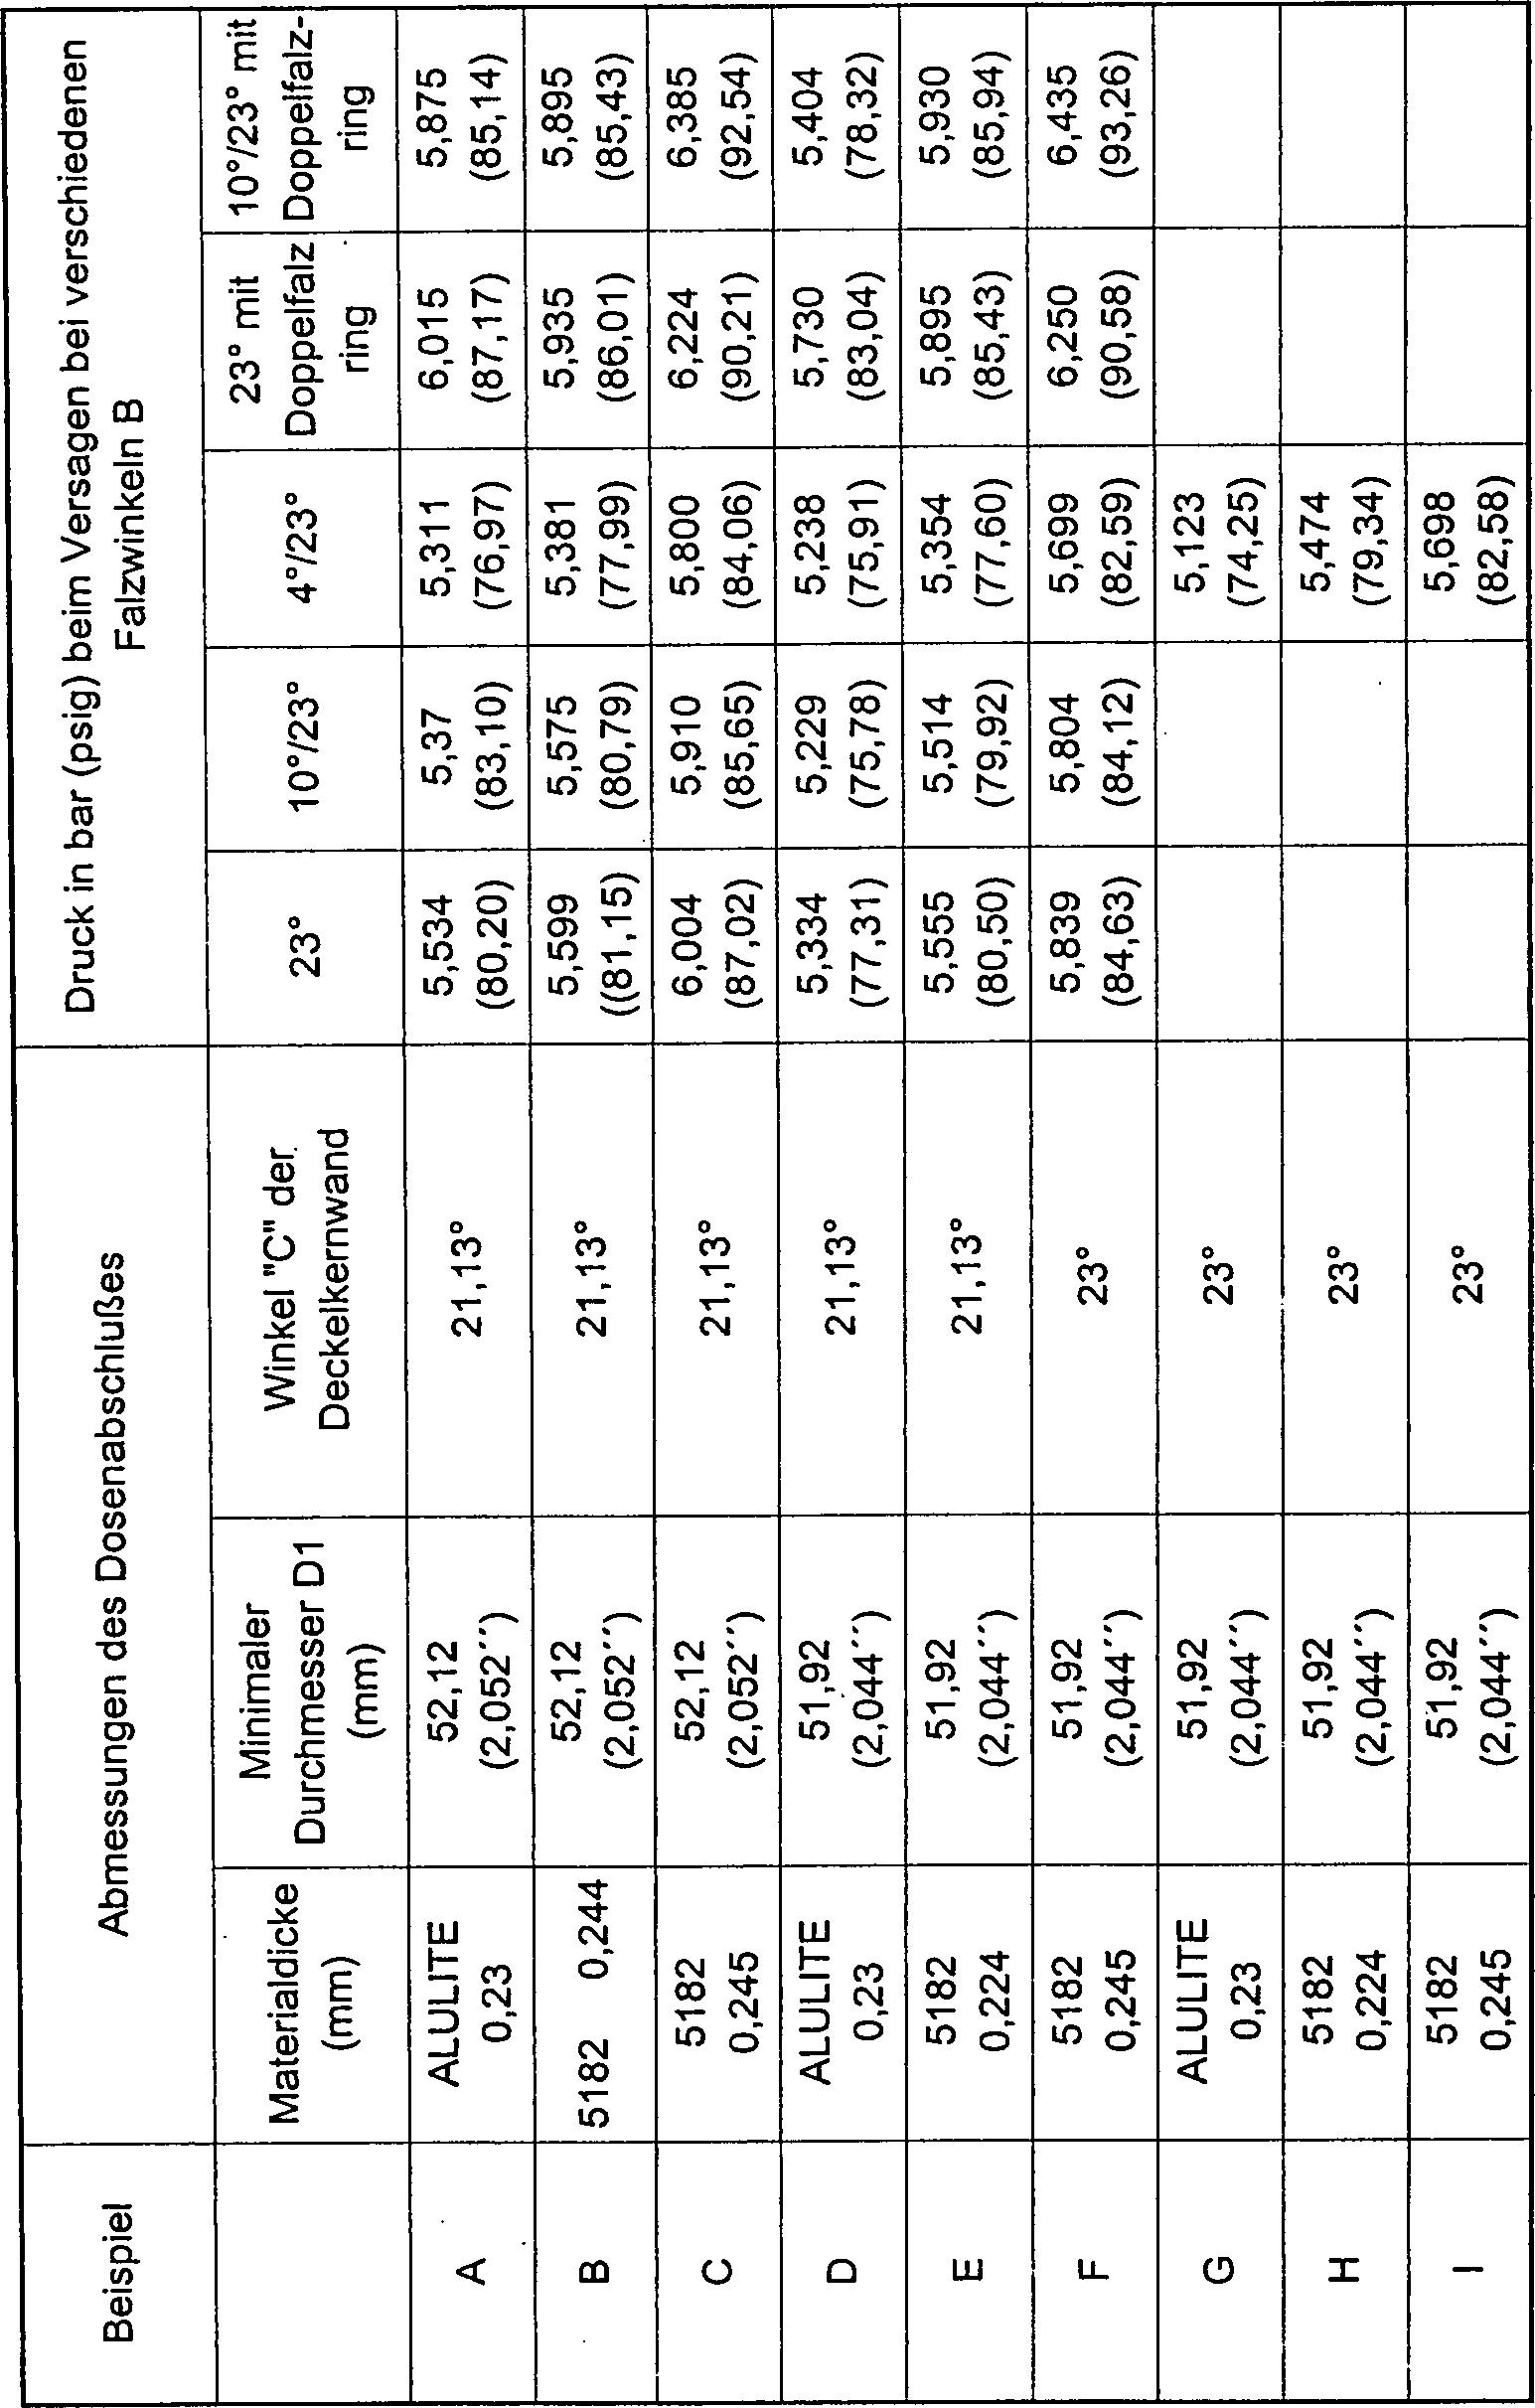 5182 ist eine vorlackierte aluminium magnesium mangan legierung 5182 is a pre painted aluminum magnesium manganese alloy - Legierung Beispiele